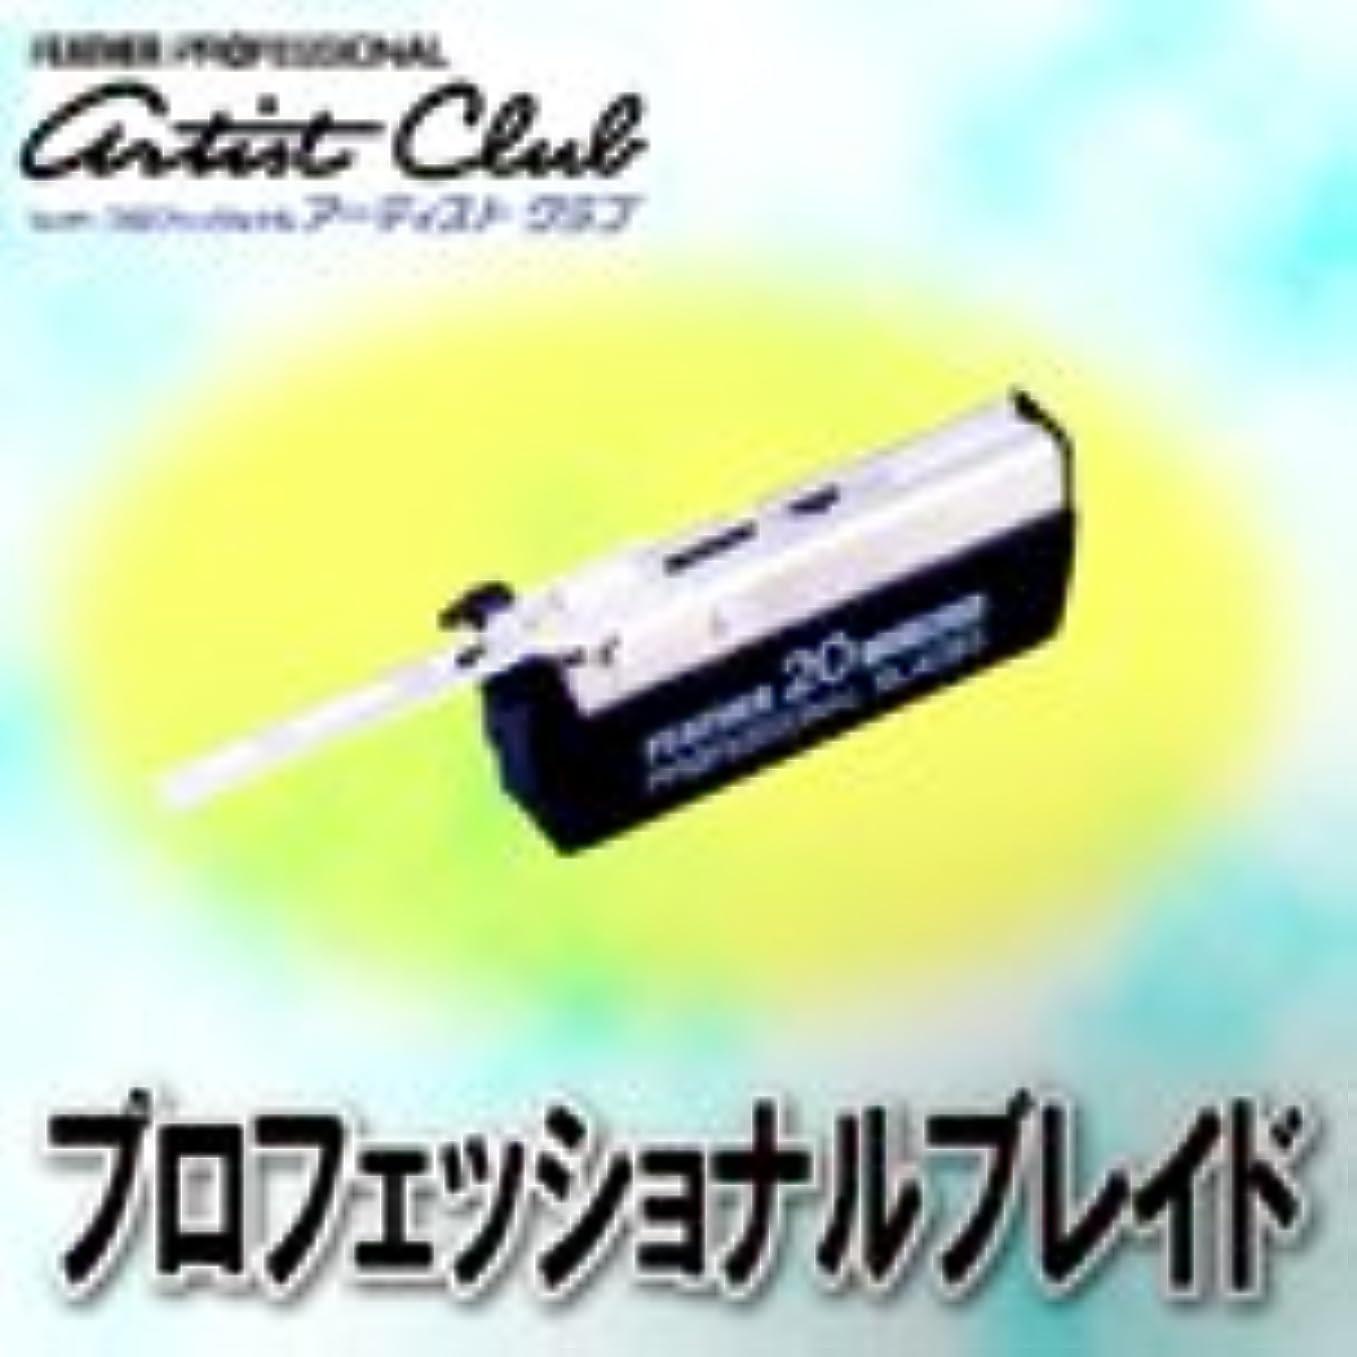 性能汚染ミリメートルFEATHER フェザー プロフェッショナルブレイド 標準刃 20枚入